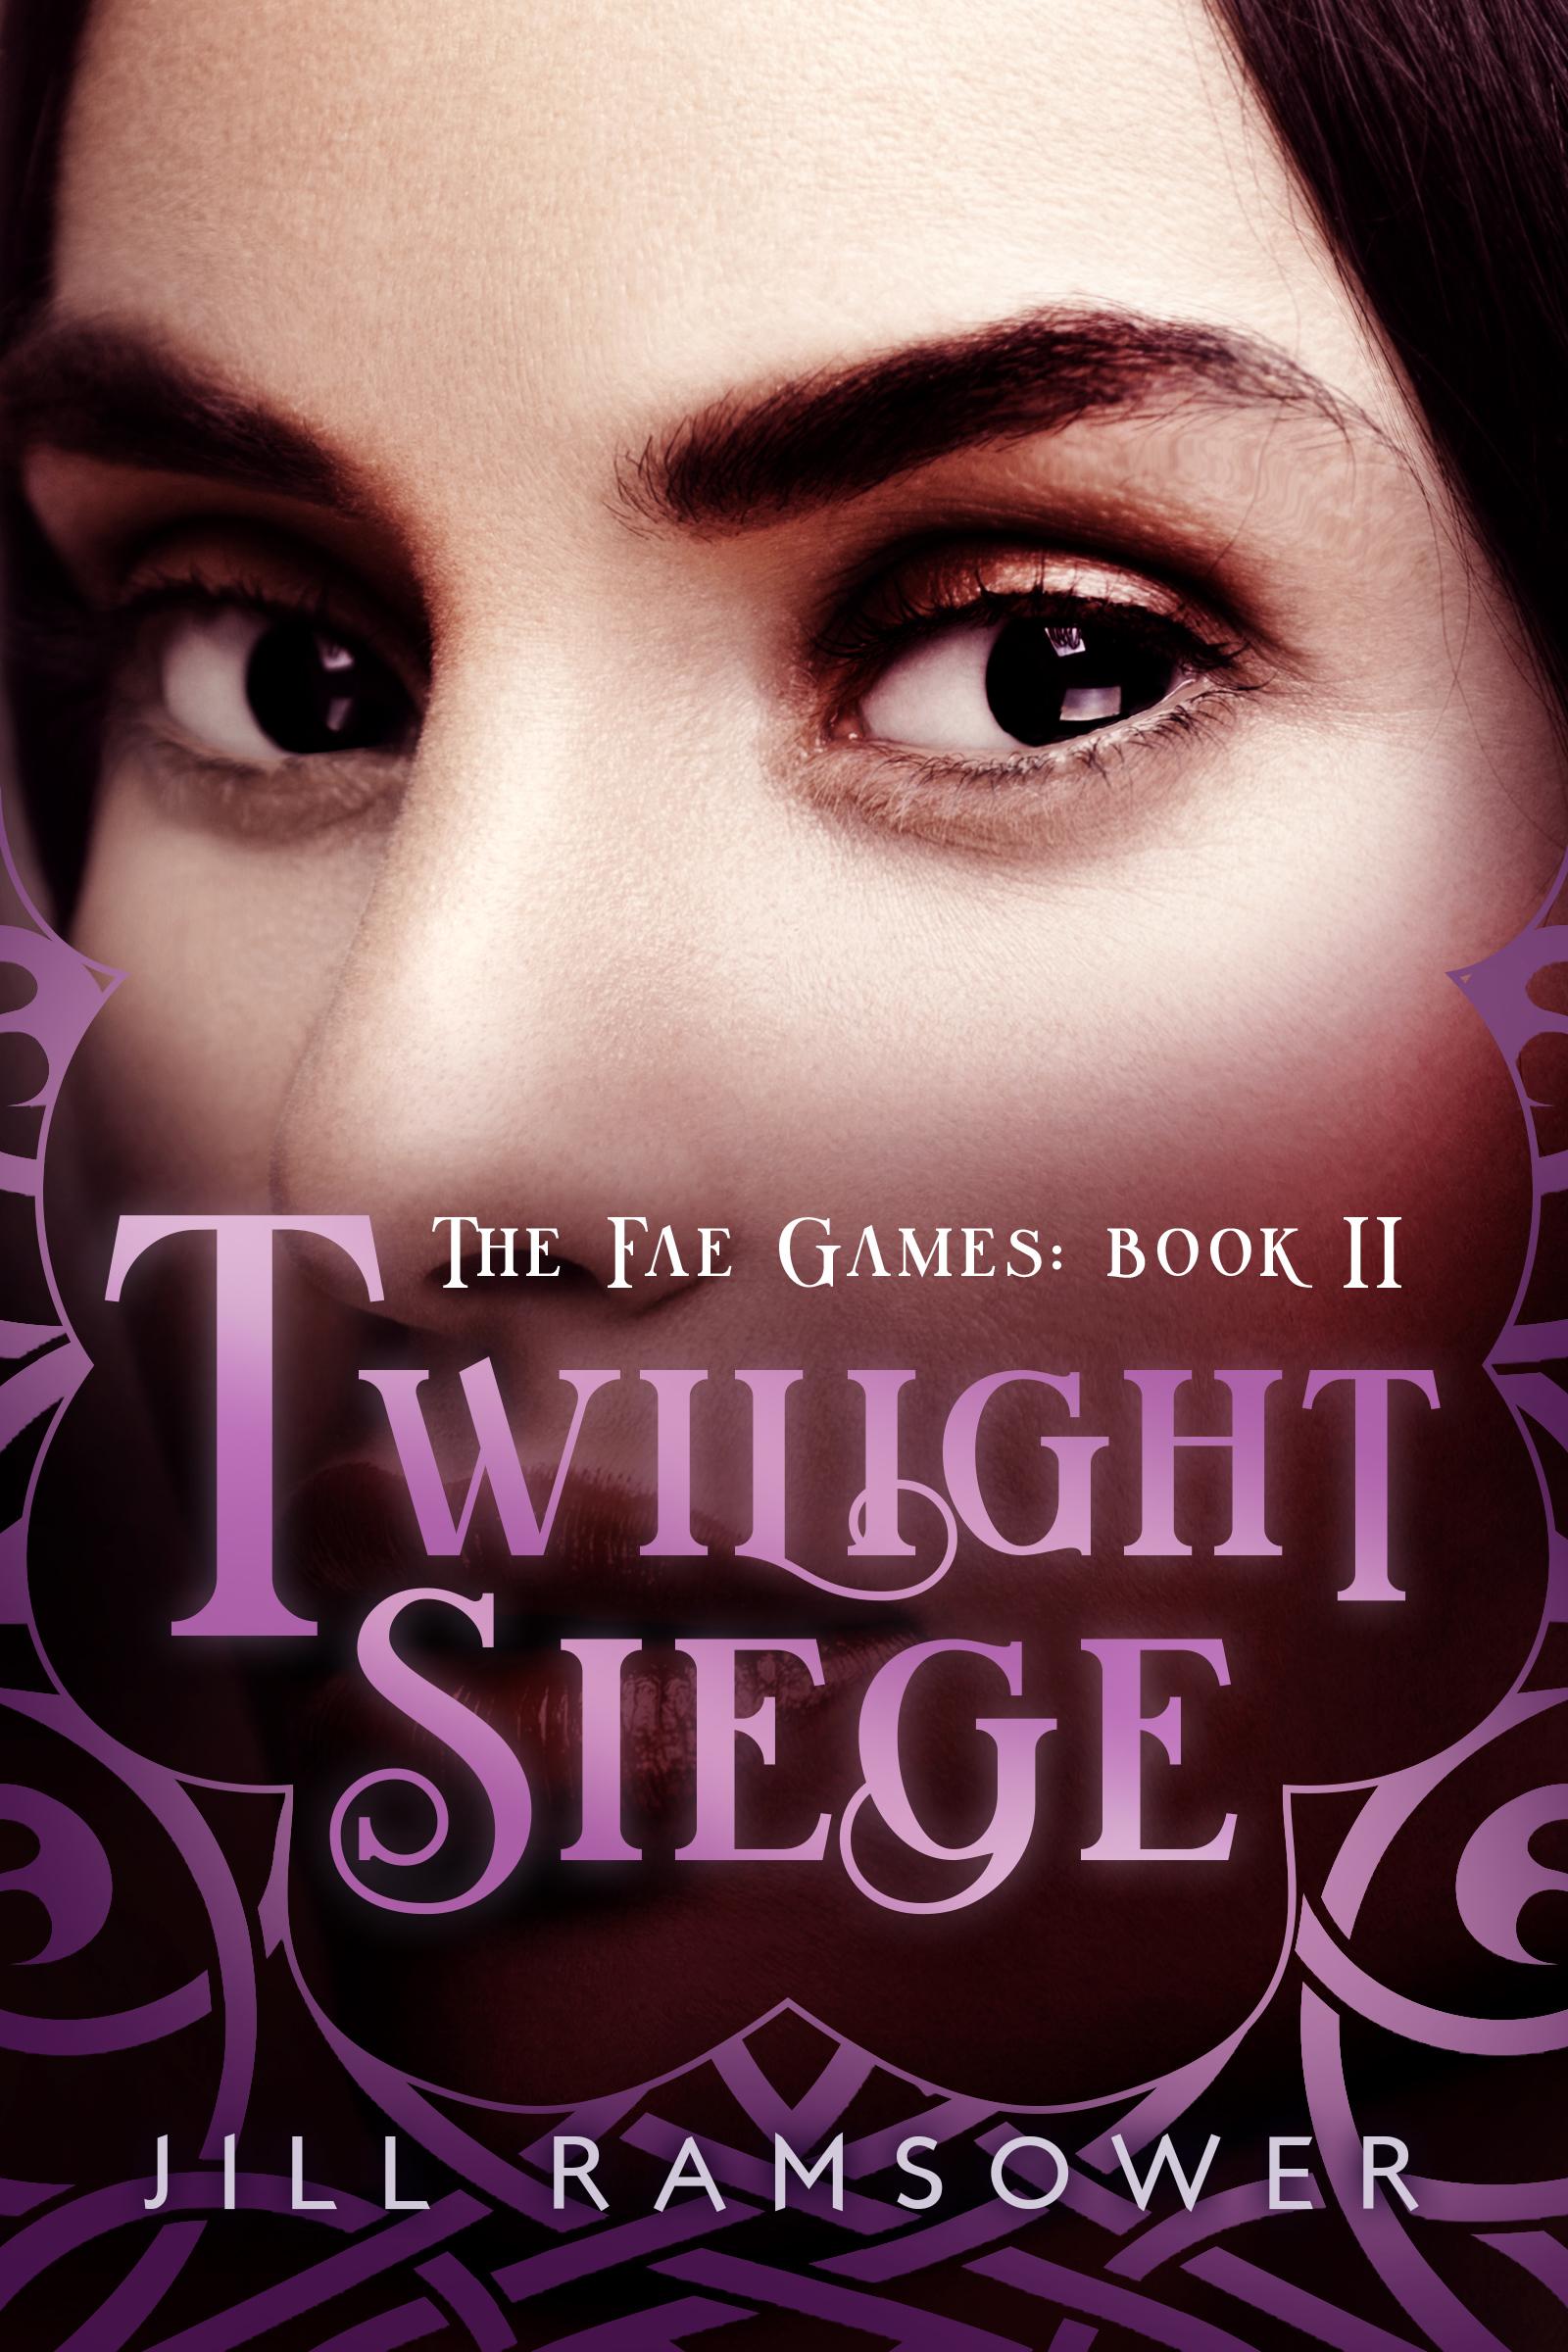 Twilight Siege_ebook.jpg